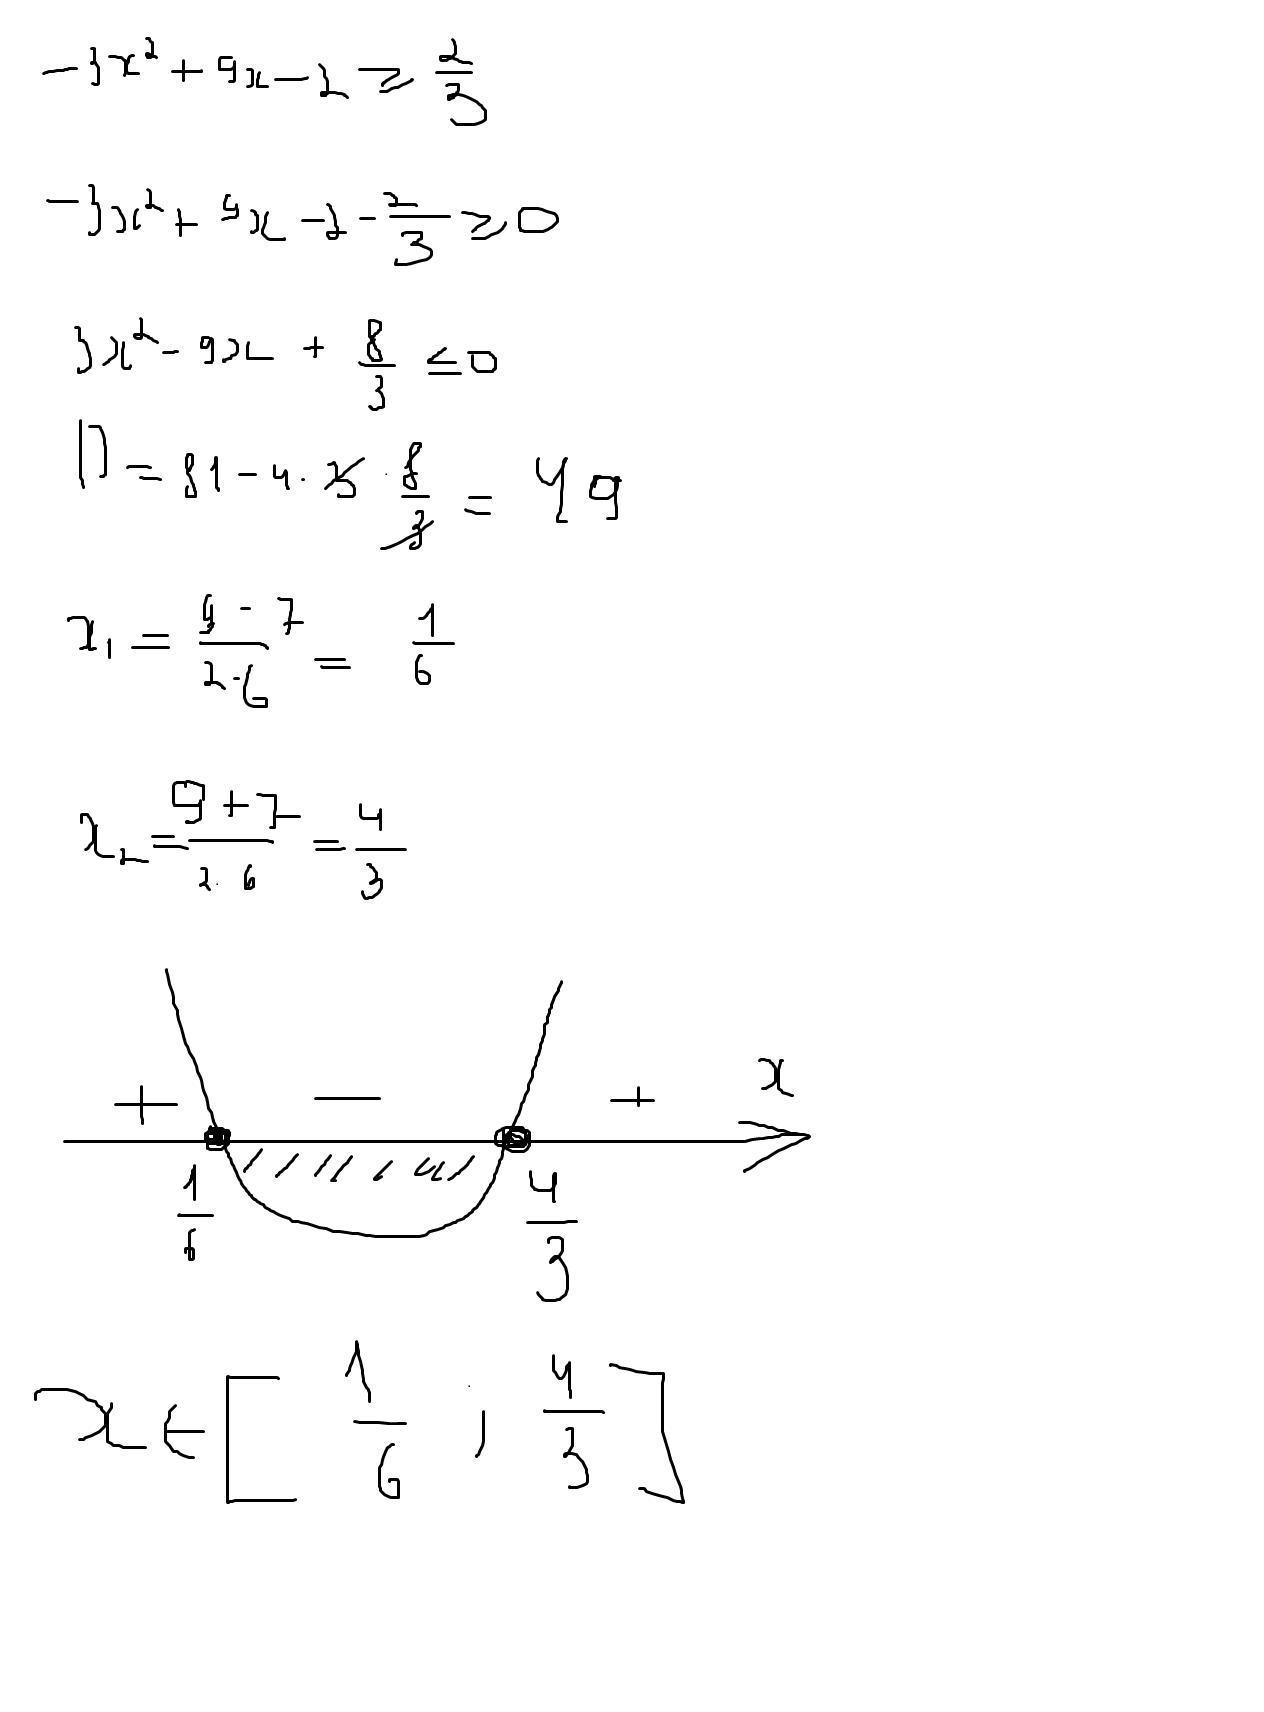 При каких значениях x трехчлен -3x^2+9x-2